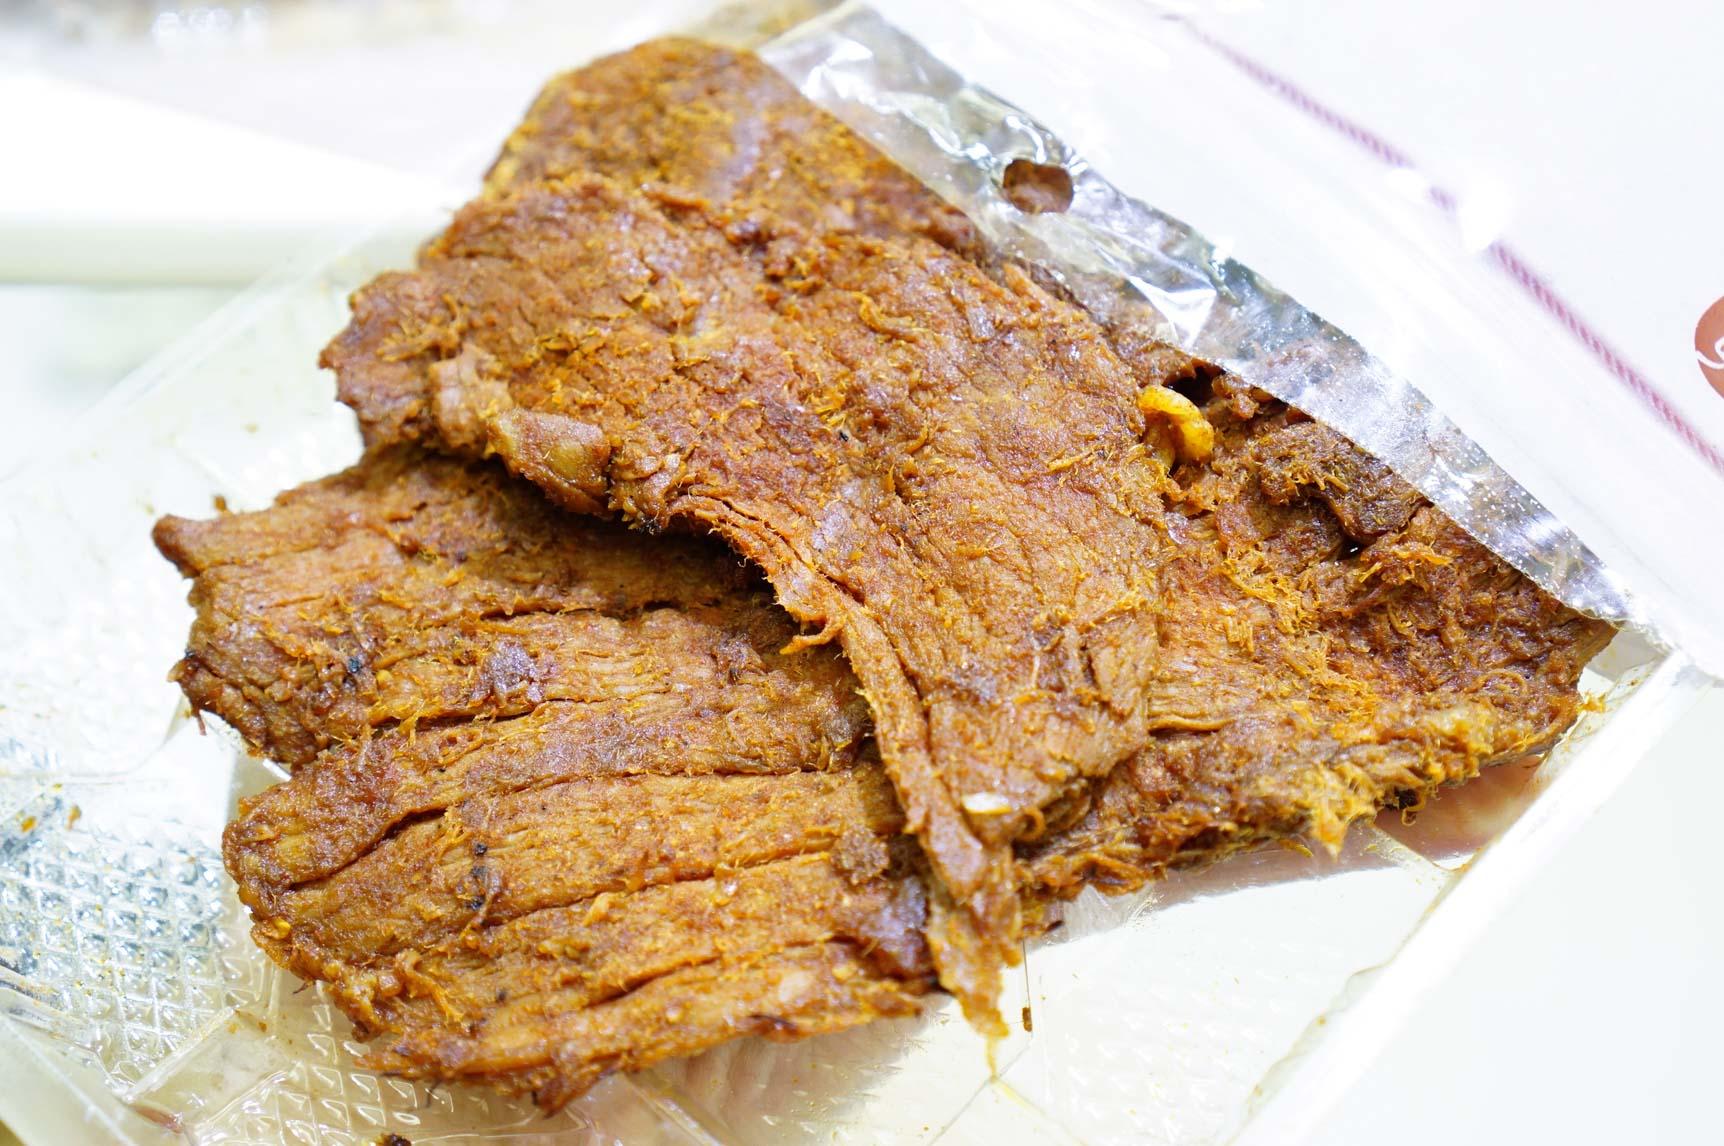 吸允一百次手指頭都不夠│肉乾界的愛瑪仕─初心亭牛肉乾、豬肉乾大比拼!